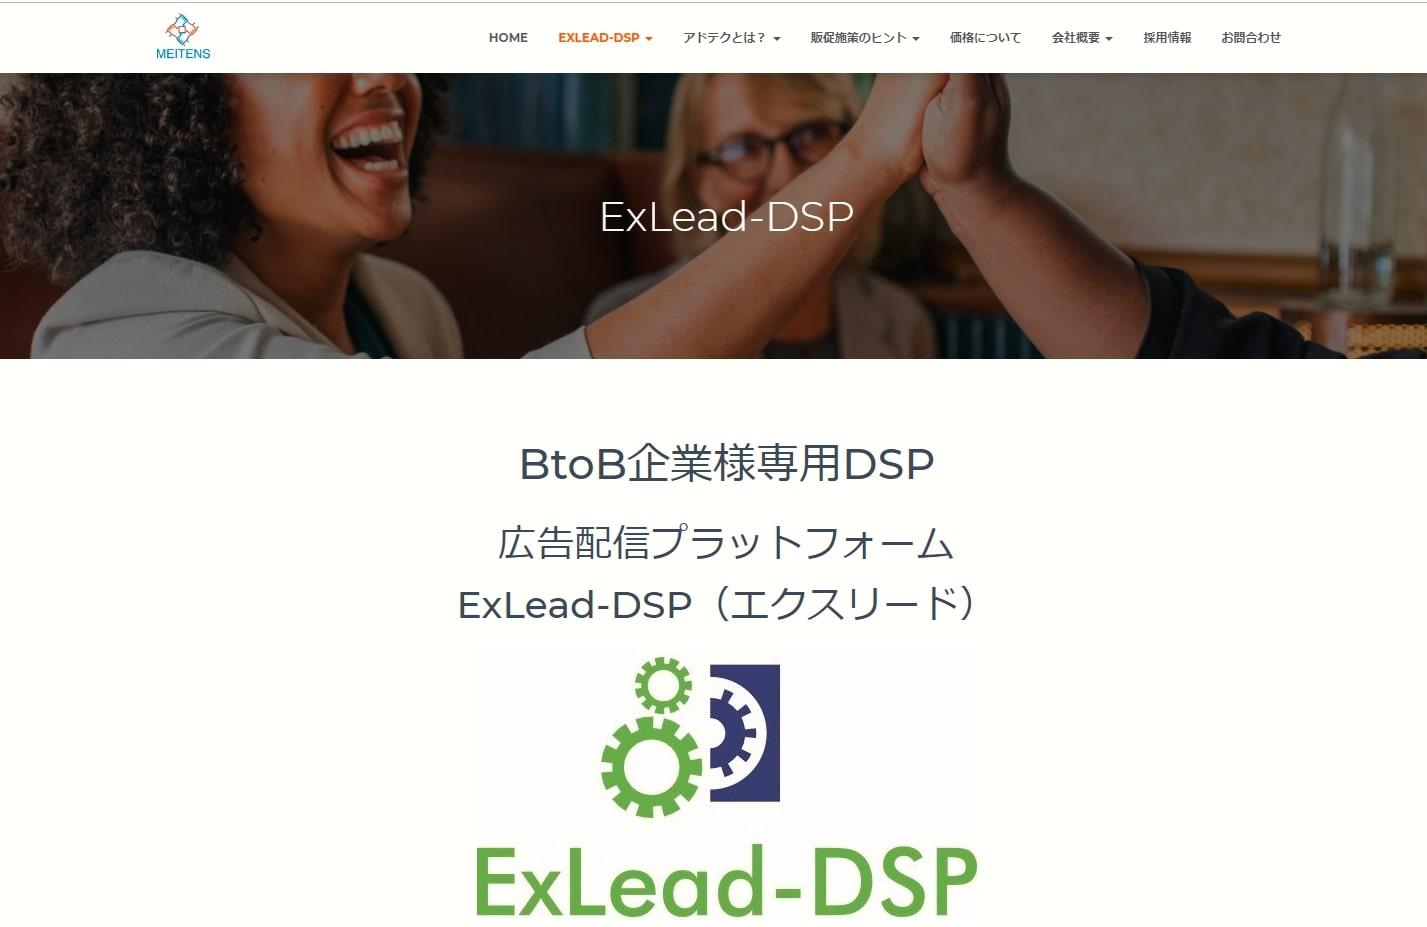 ExLaed-DSP-